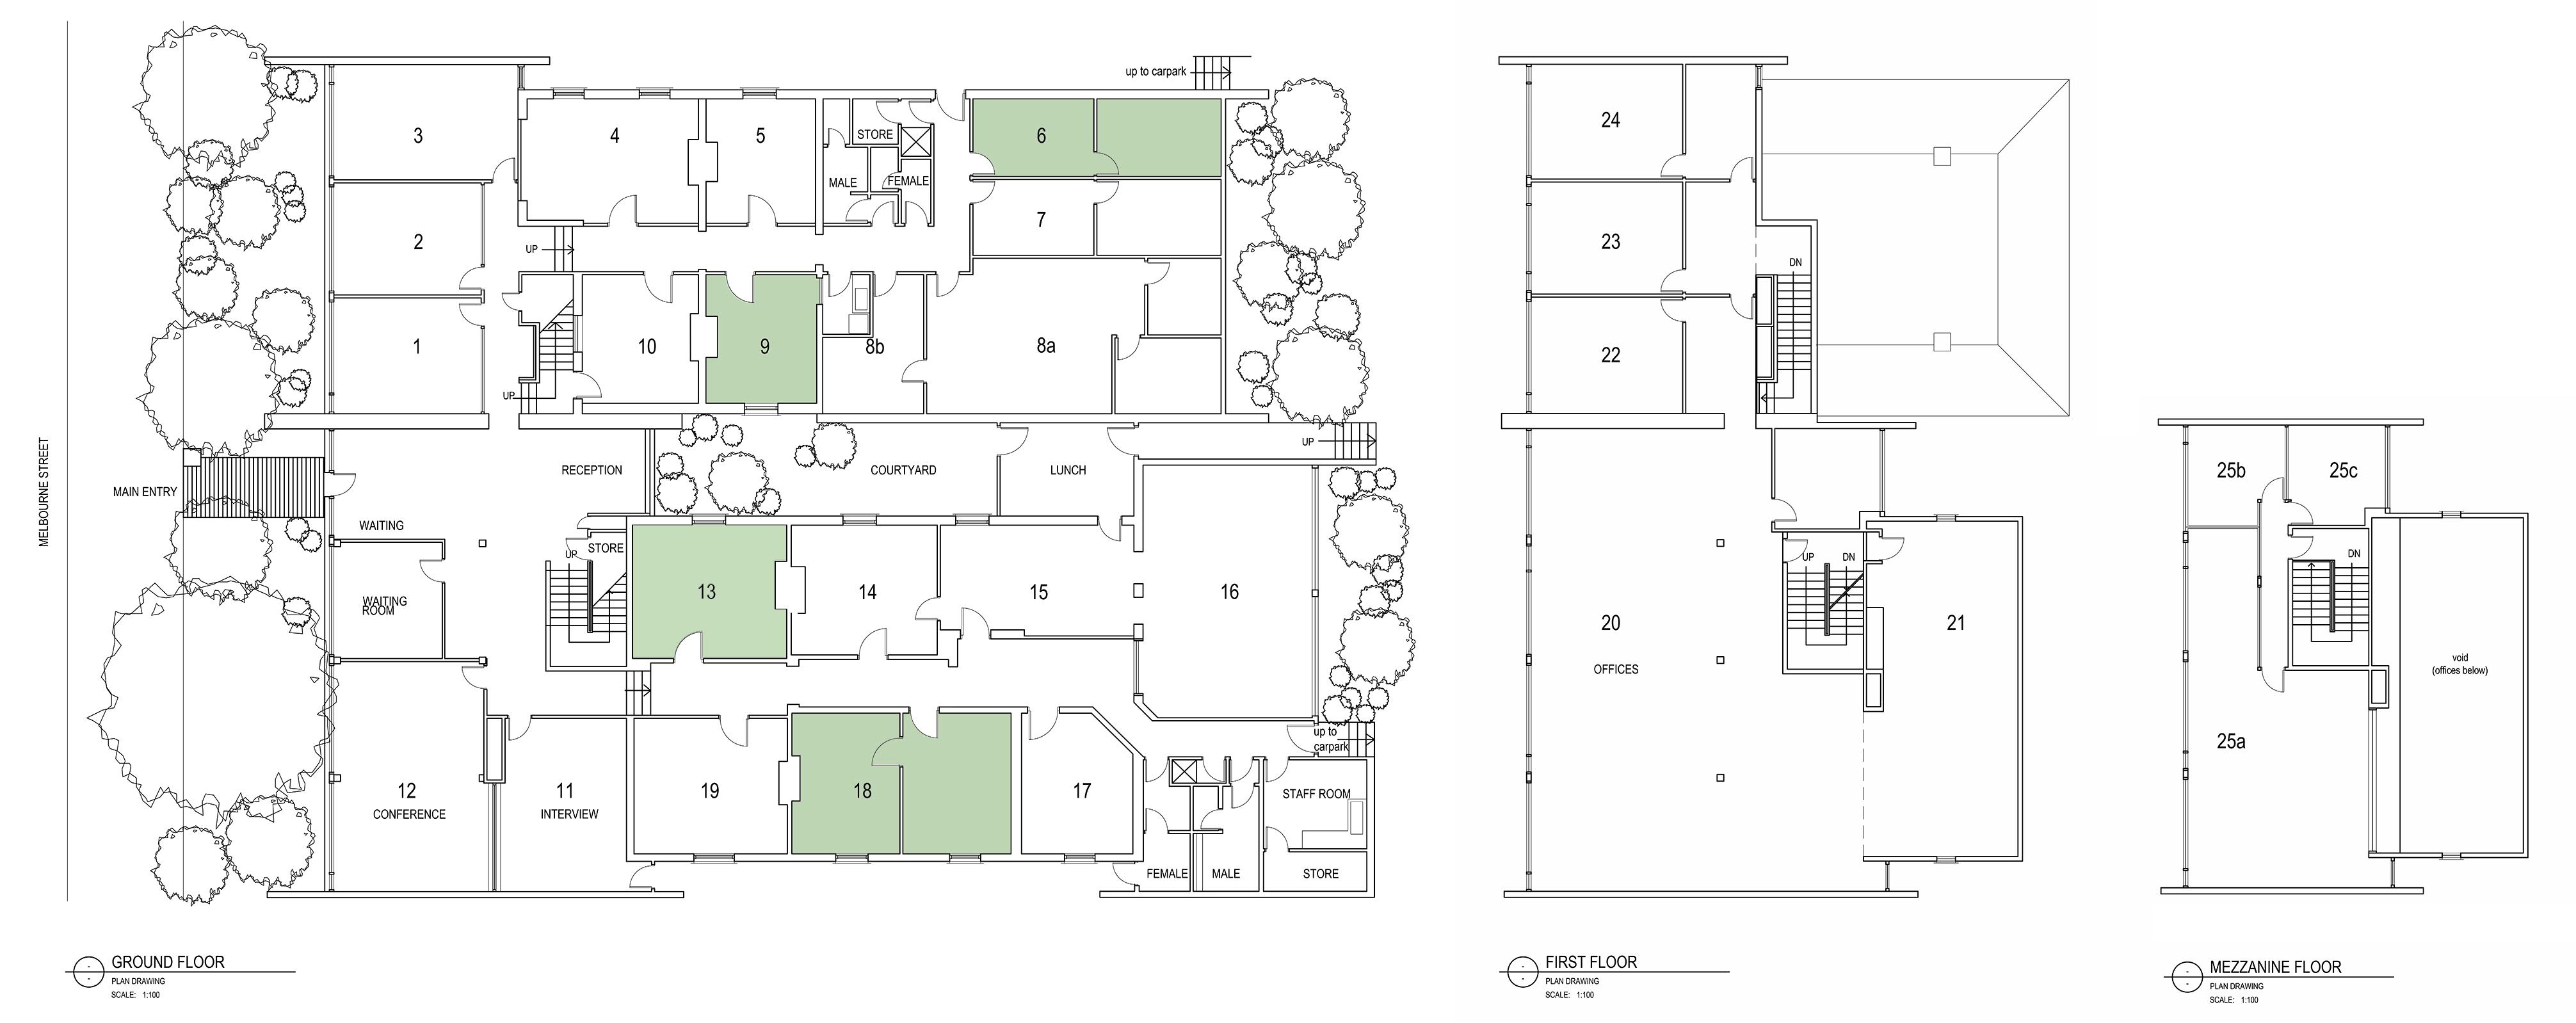 P:262melb262 Melbourne Street_Floor Plans SK A1 L (1)